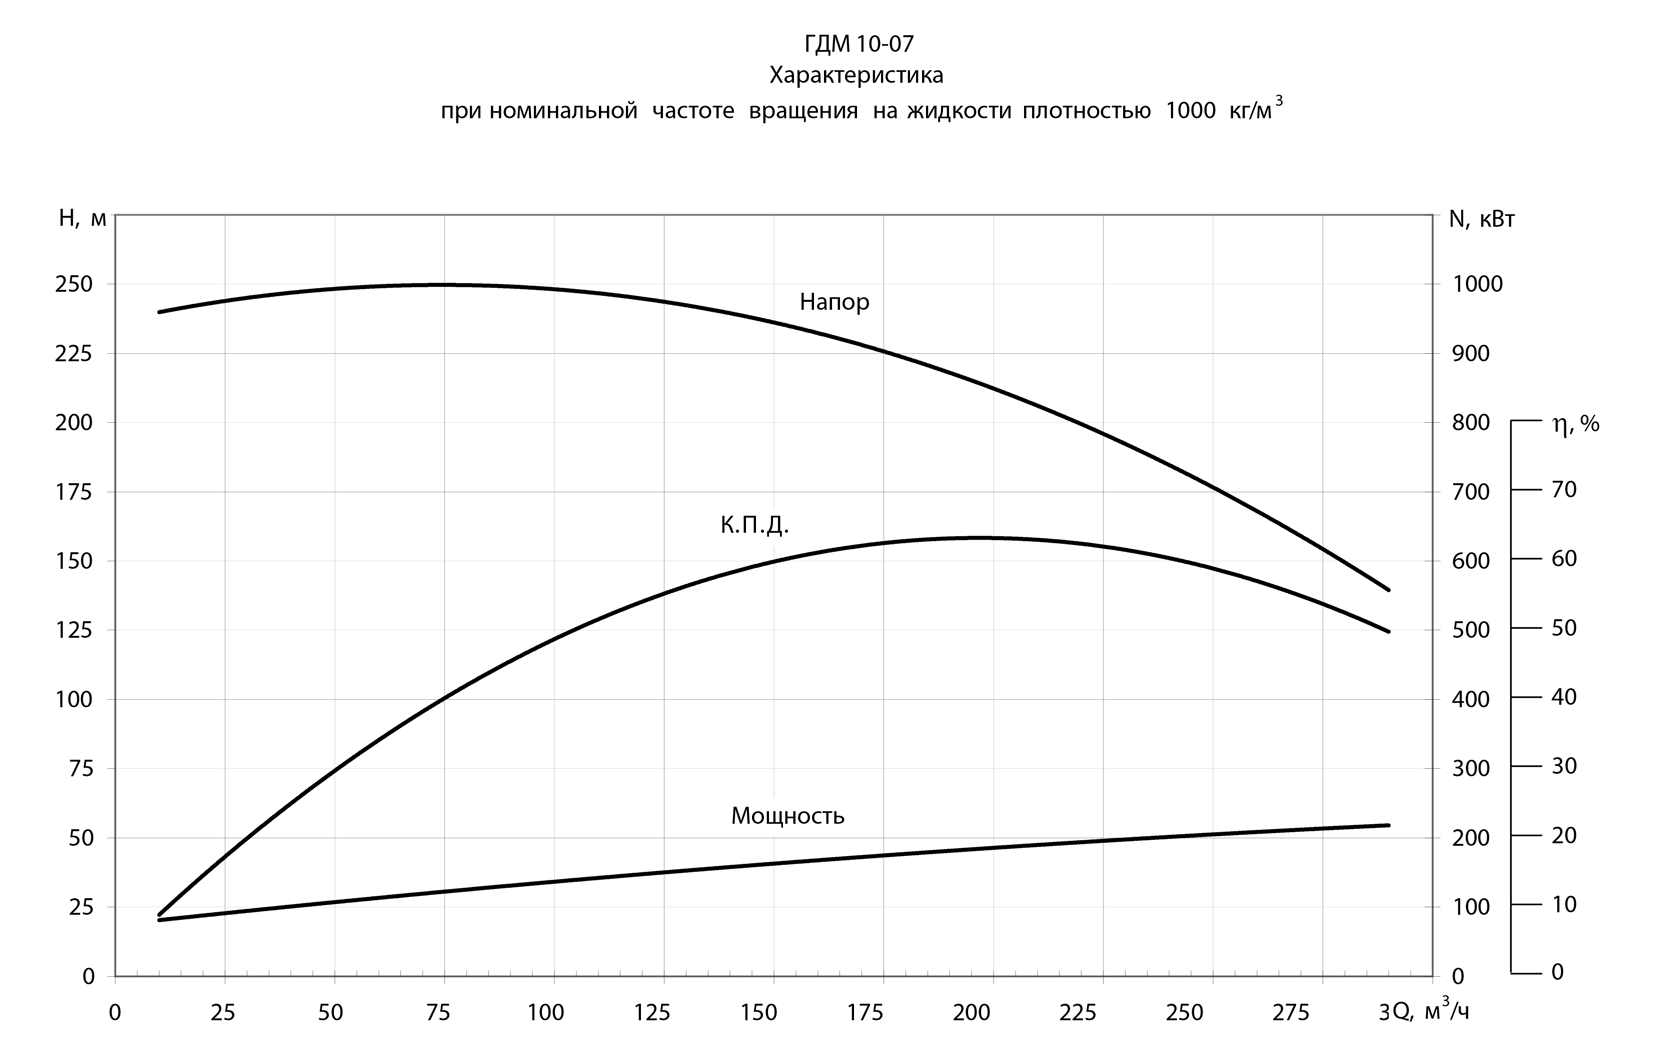 Дробилки ксд и кмд в соответствии с гост 6937-91 изготавливаются в двух исполнениях: гр - грубого